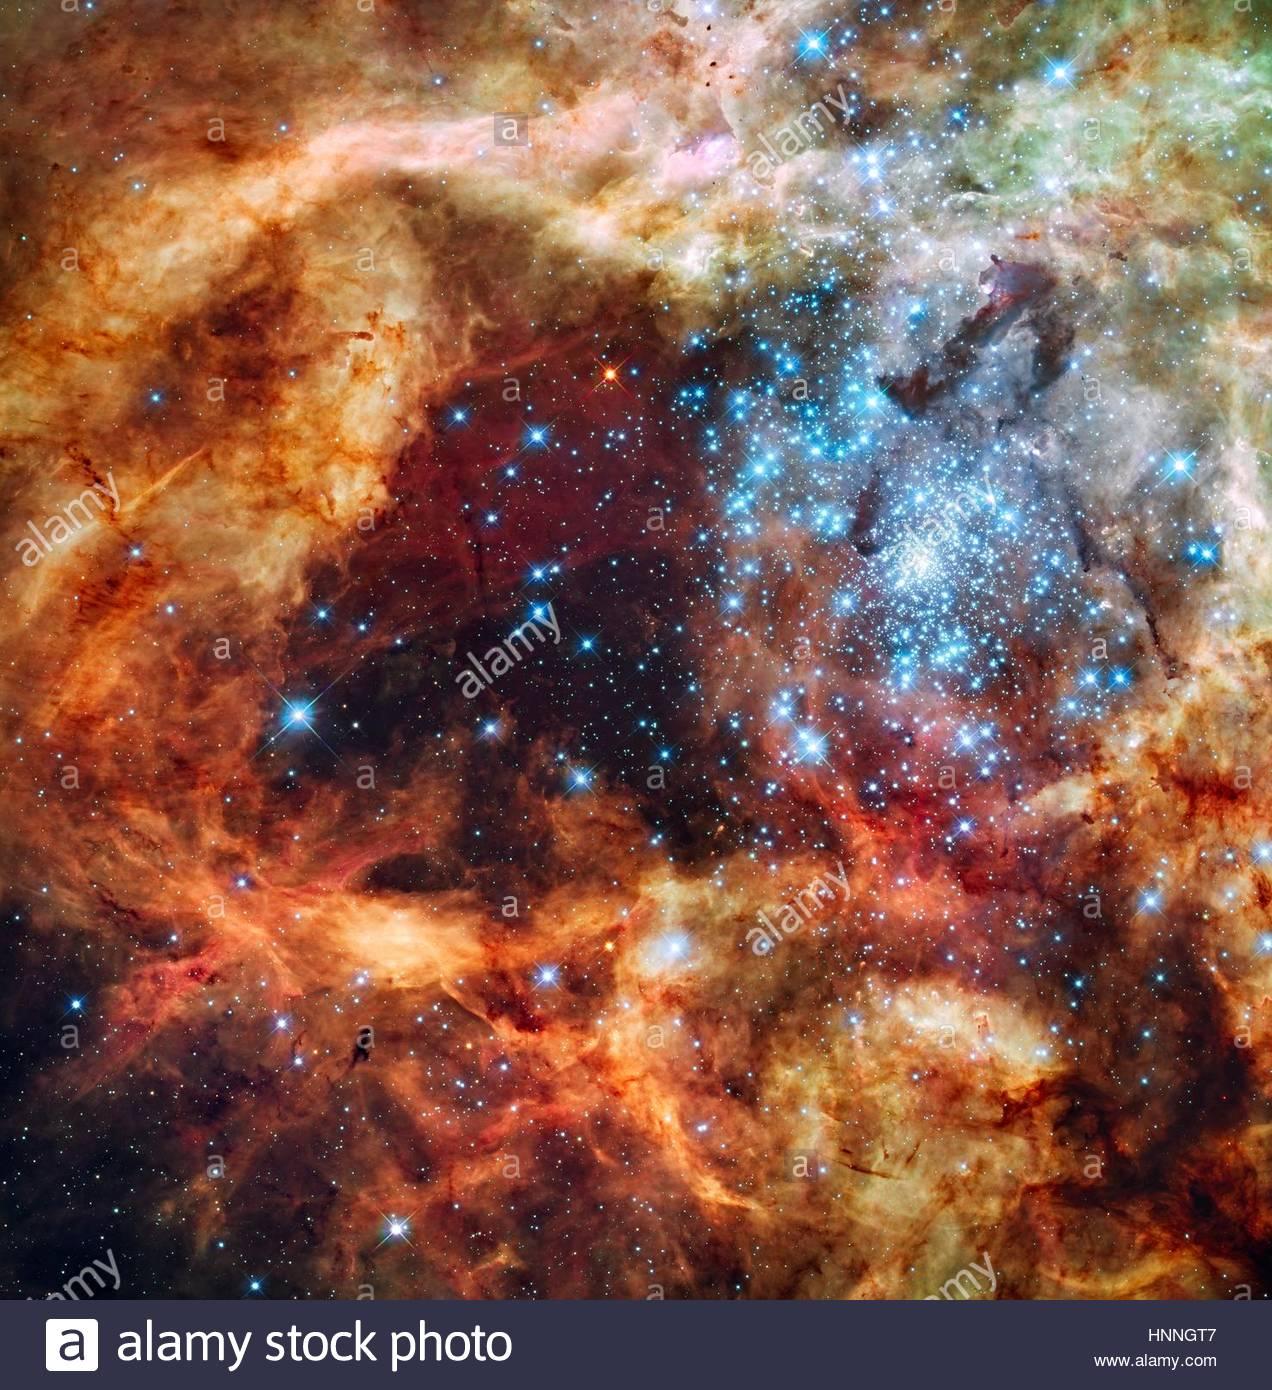 Sekt mit Energie, leuchtet eine Gruppe von jungen Sternen ein Hohlraum in den aufgewühlten Staub von den Tarantelnebel. Stockbild